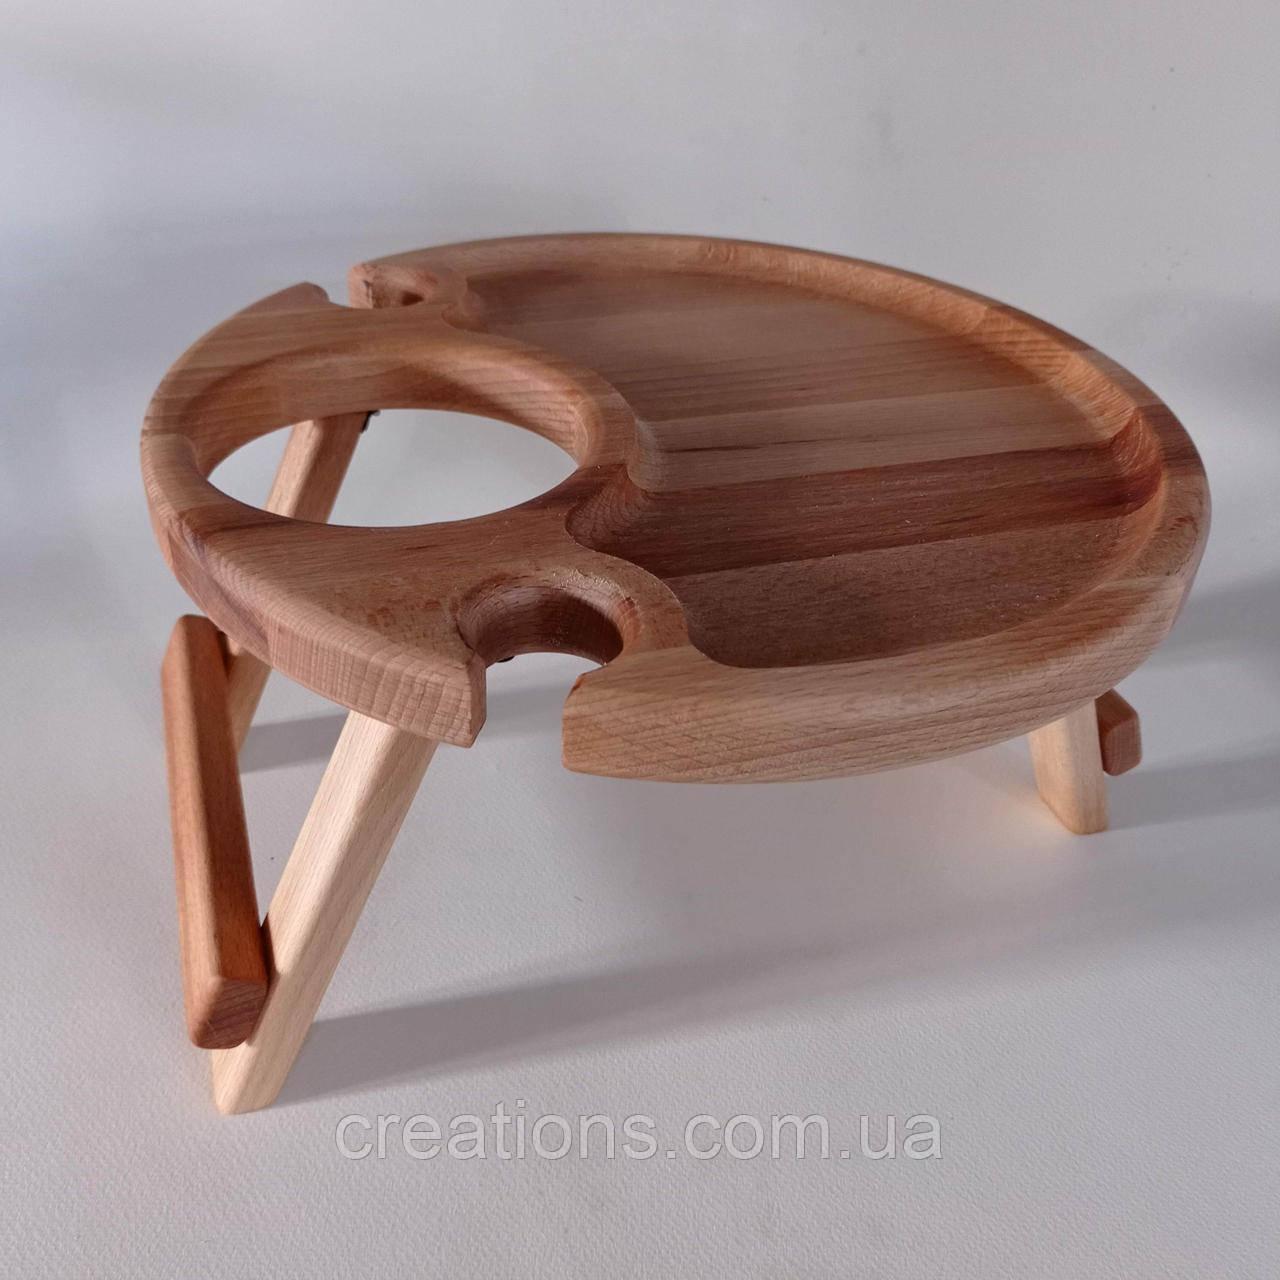 Дерев'яний винний столик 30*17, столик для подачі вина на два келихи